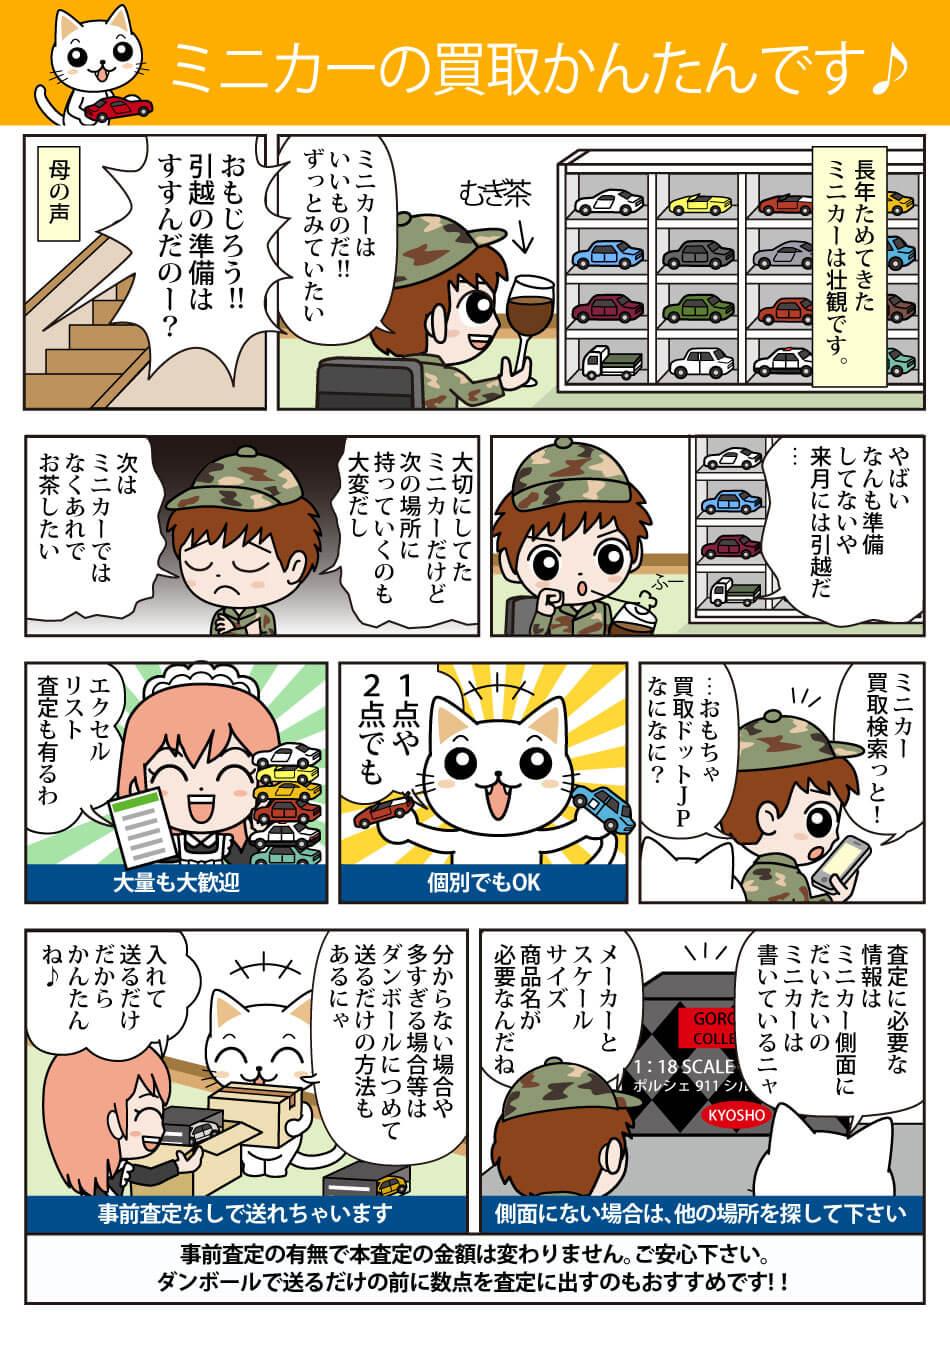 ミニカー買取の流れ@おもちゃ買取ドットJP漫画版